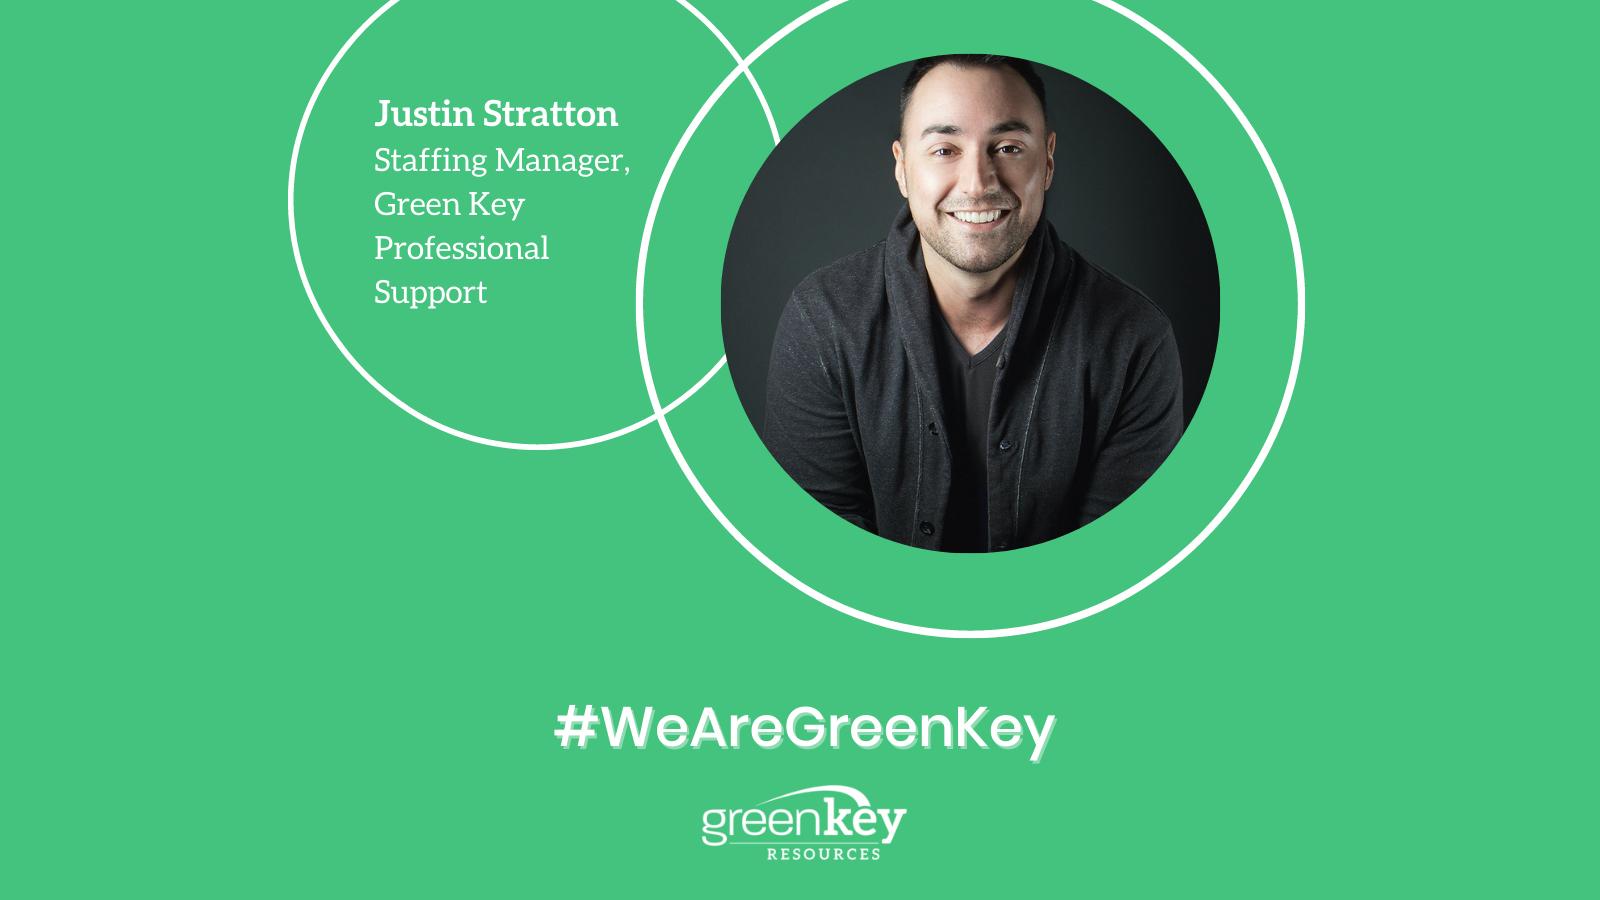 #WeAreGreenKey: Spotlight on Justin Stratton